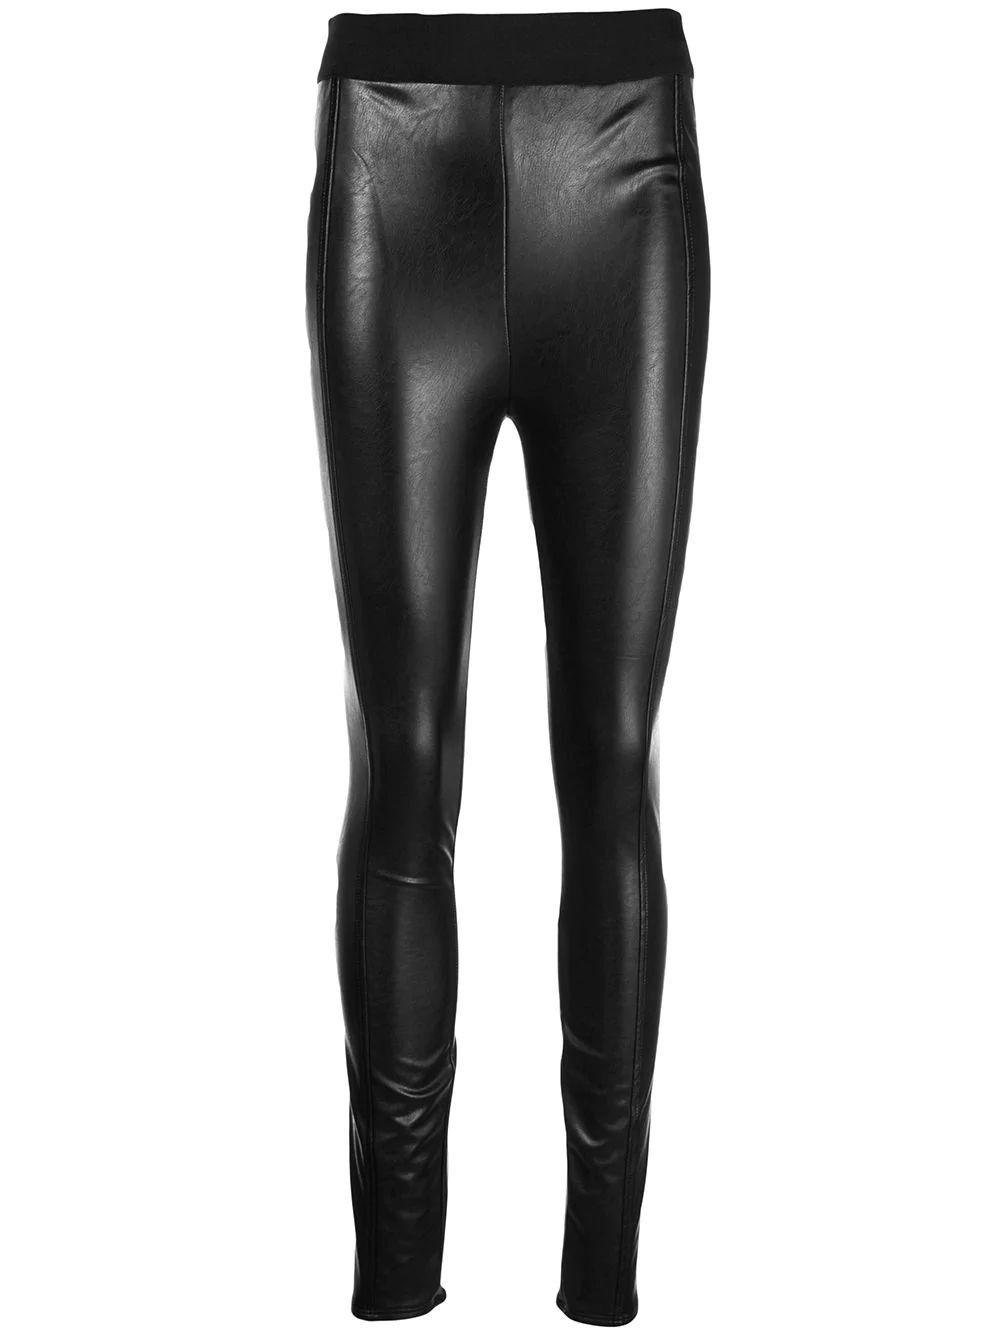 Alice Faux Leather Legging Pant Item # ZP3473221Z